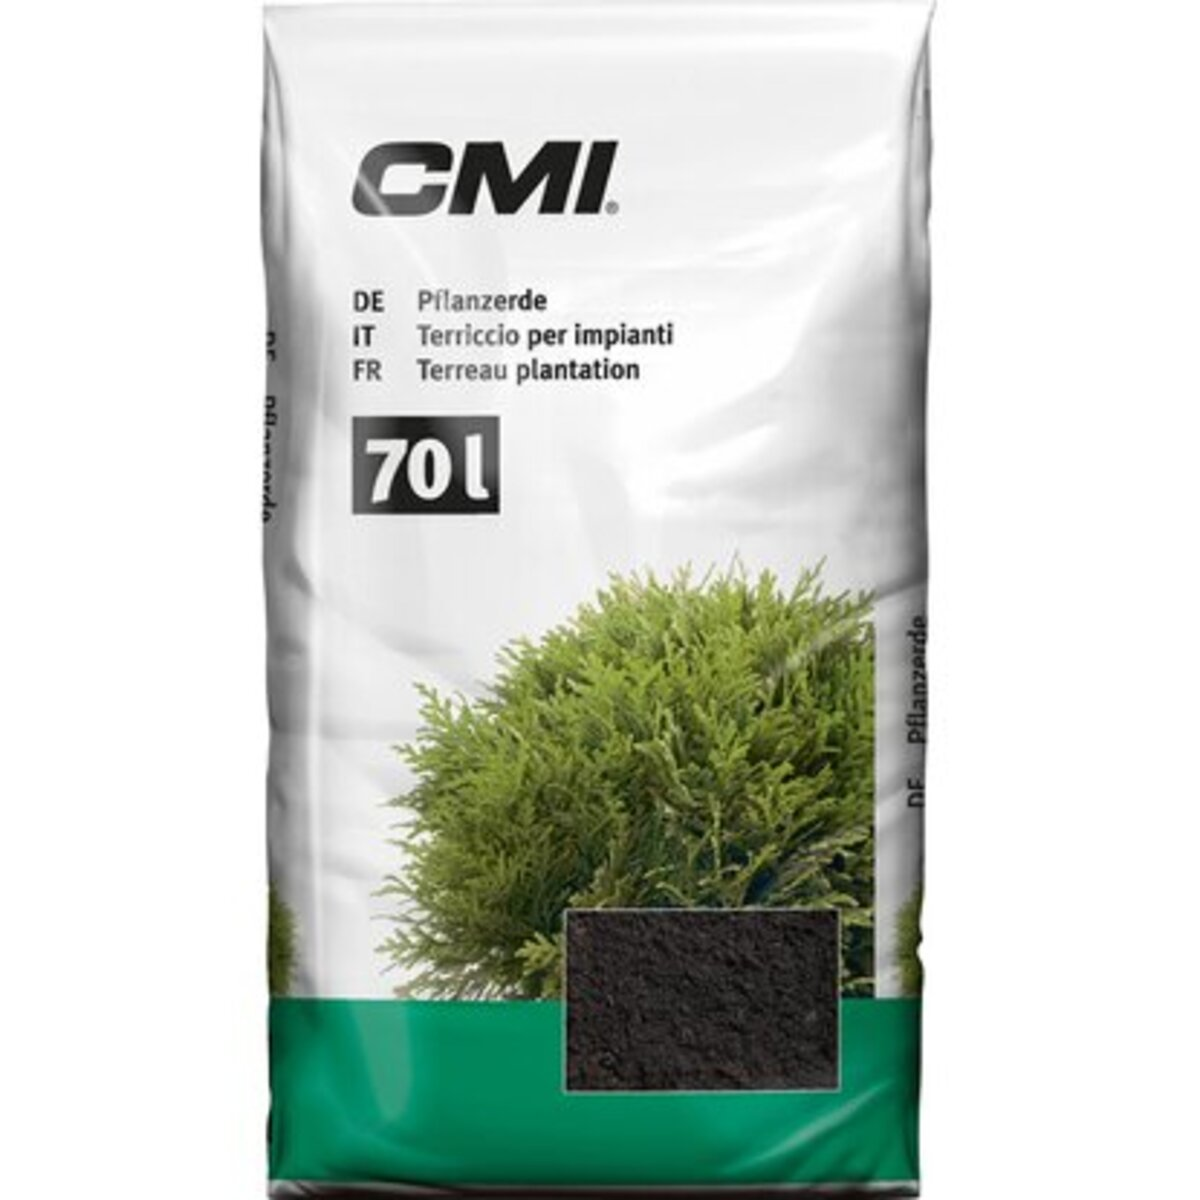 Bild 1 von CMI Pflanzerde 2.520 l (36 x 70 l) 1 Palette